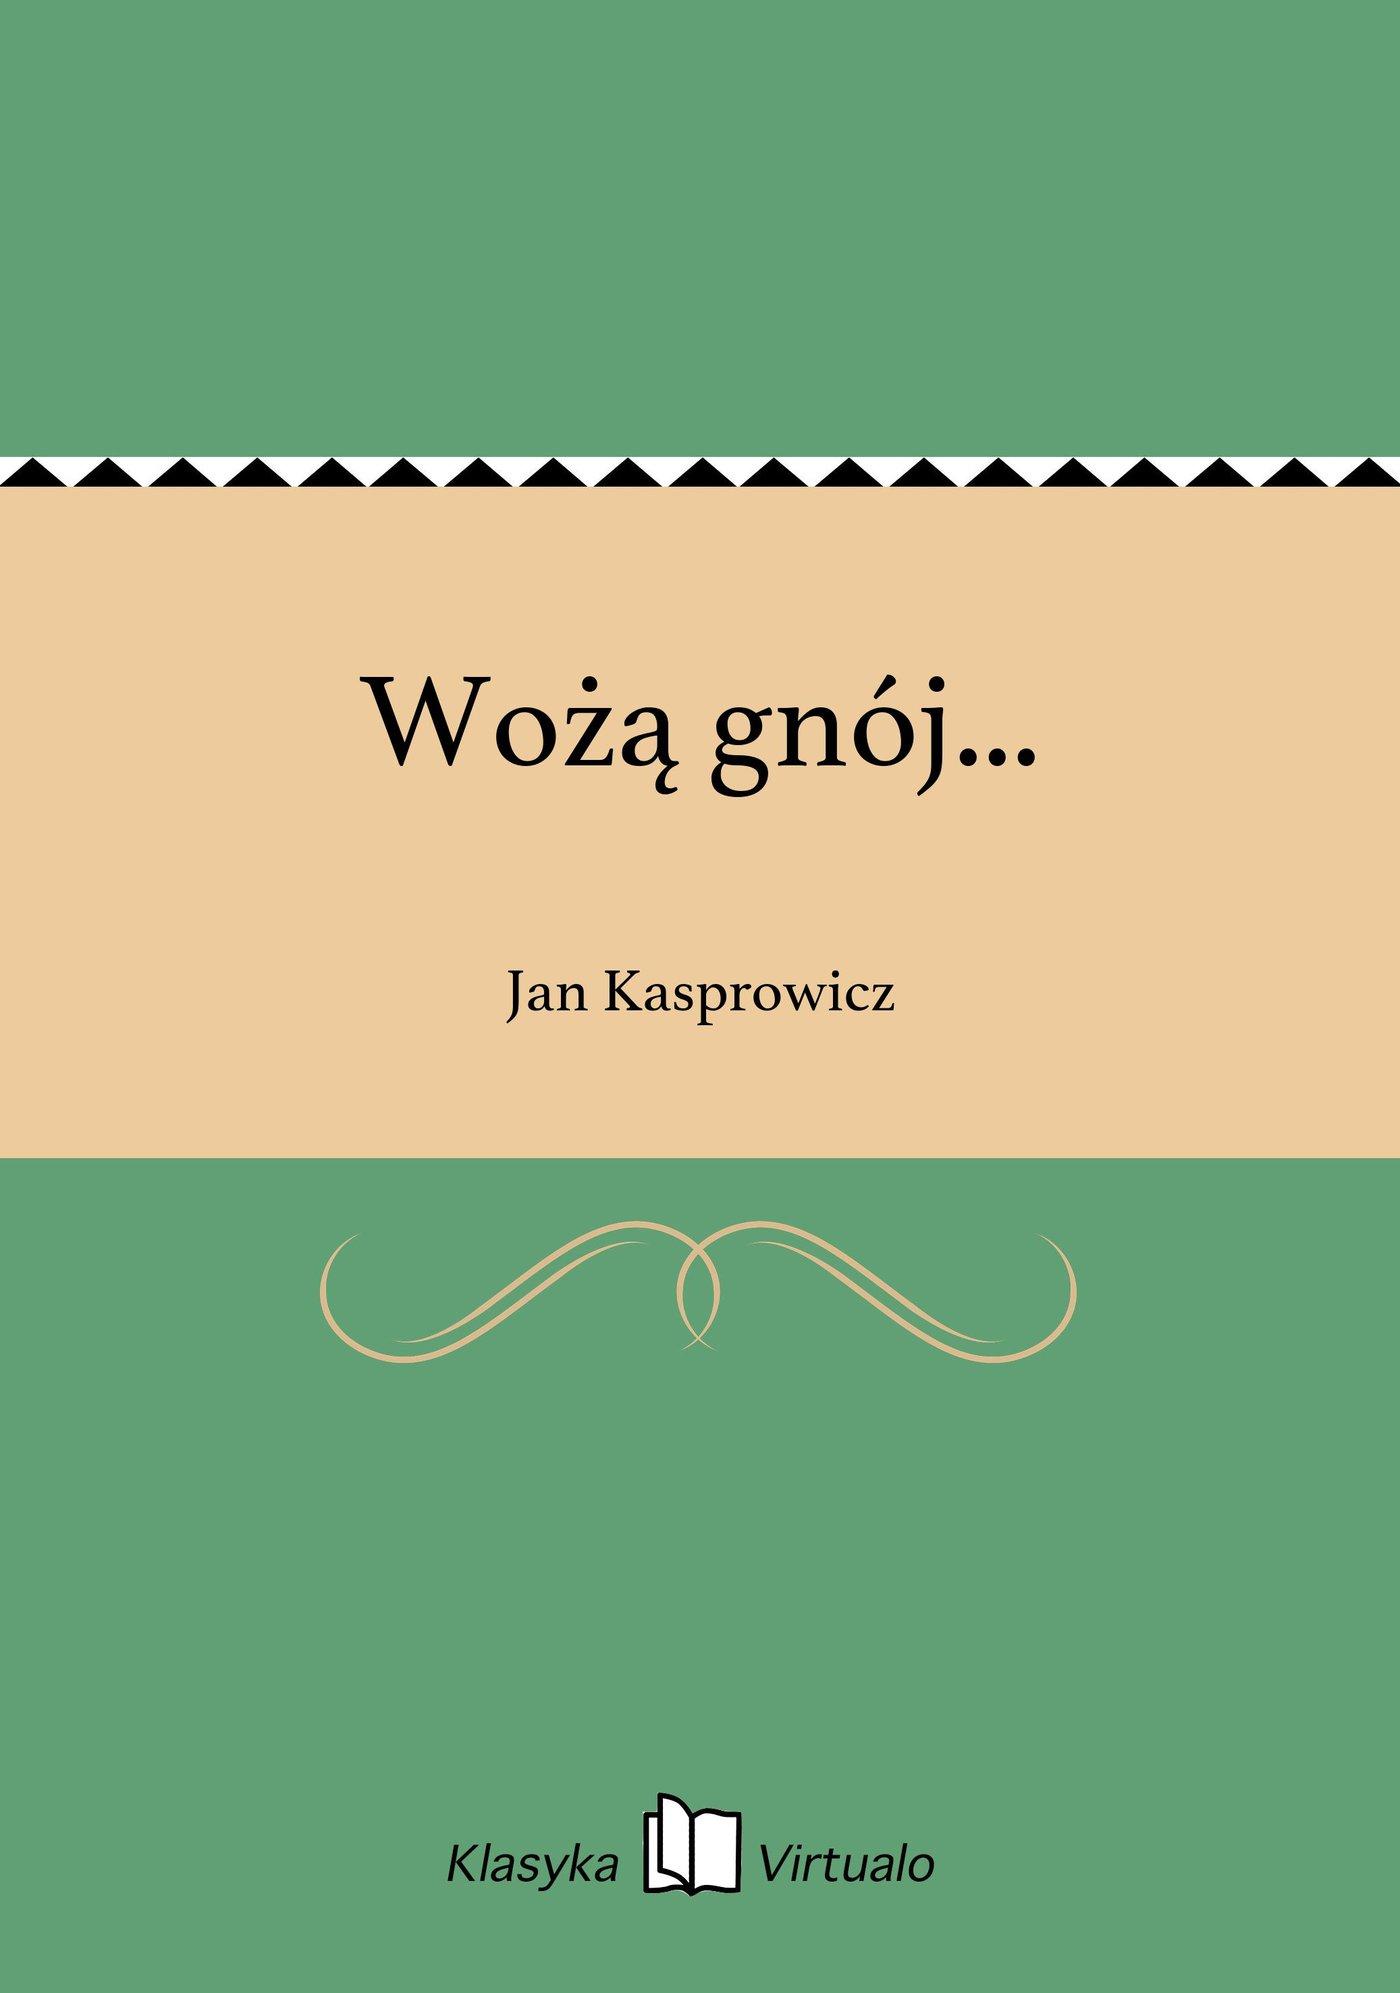 Wożą gnój... - Ebook (Książka EPUB) do pobrania w formacie EPUB